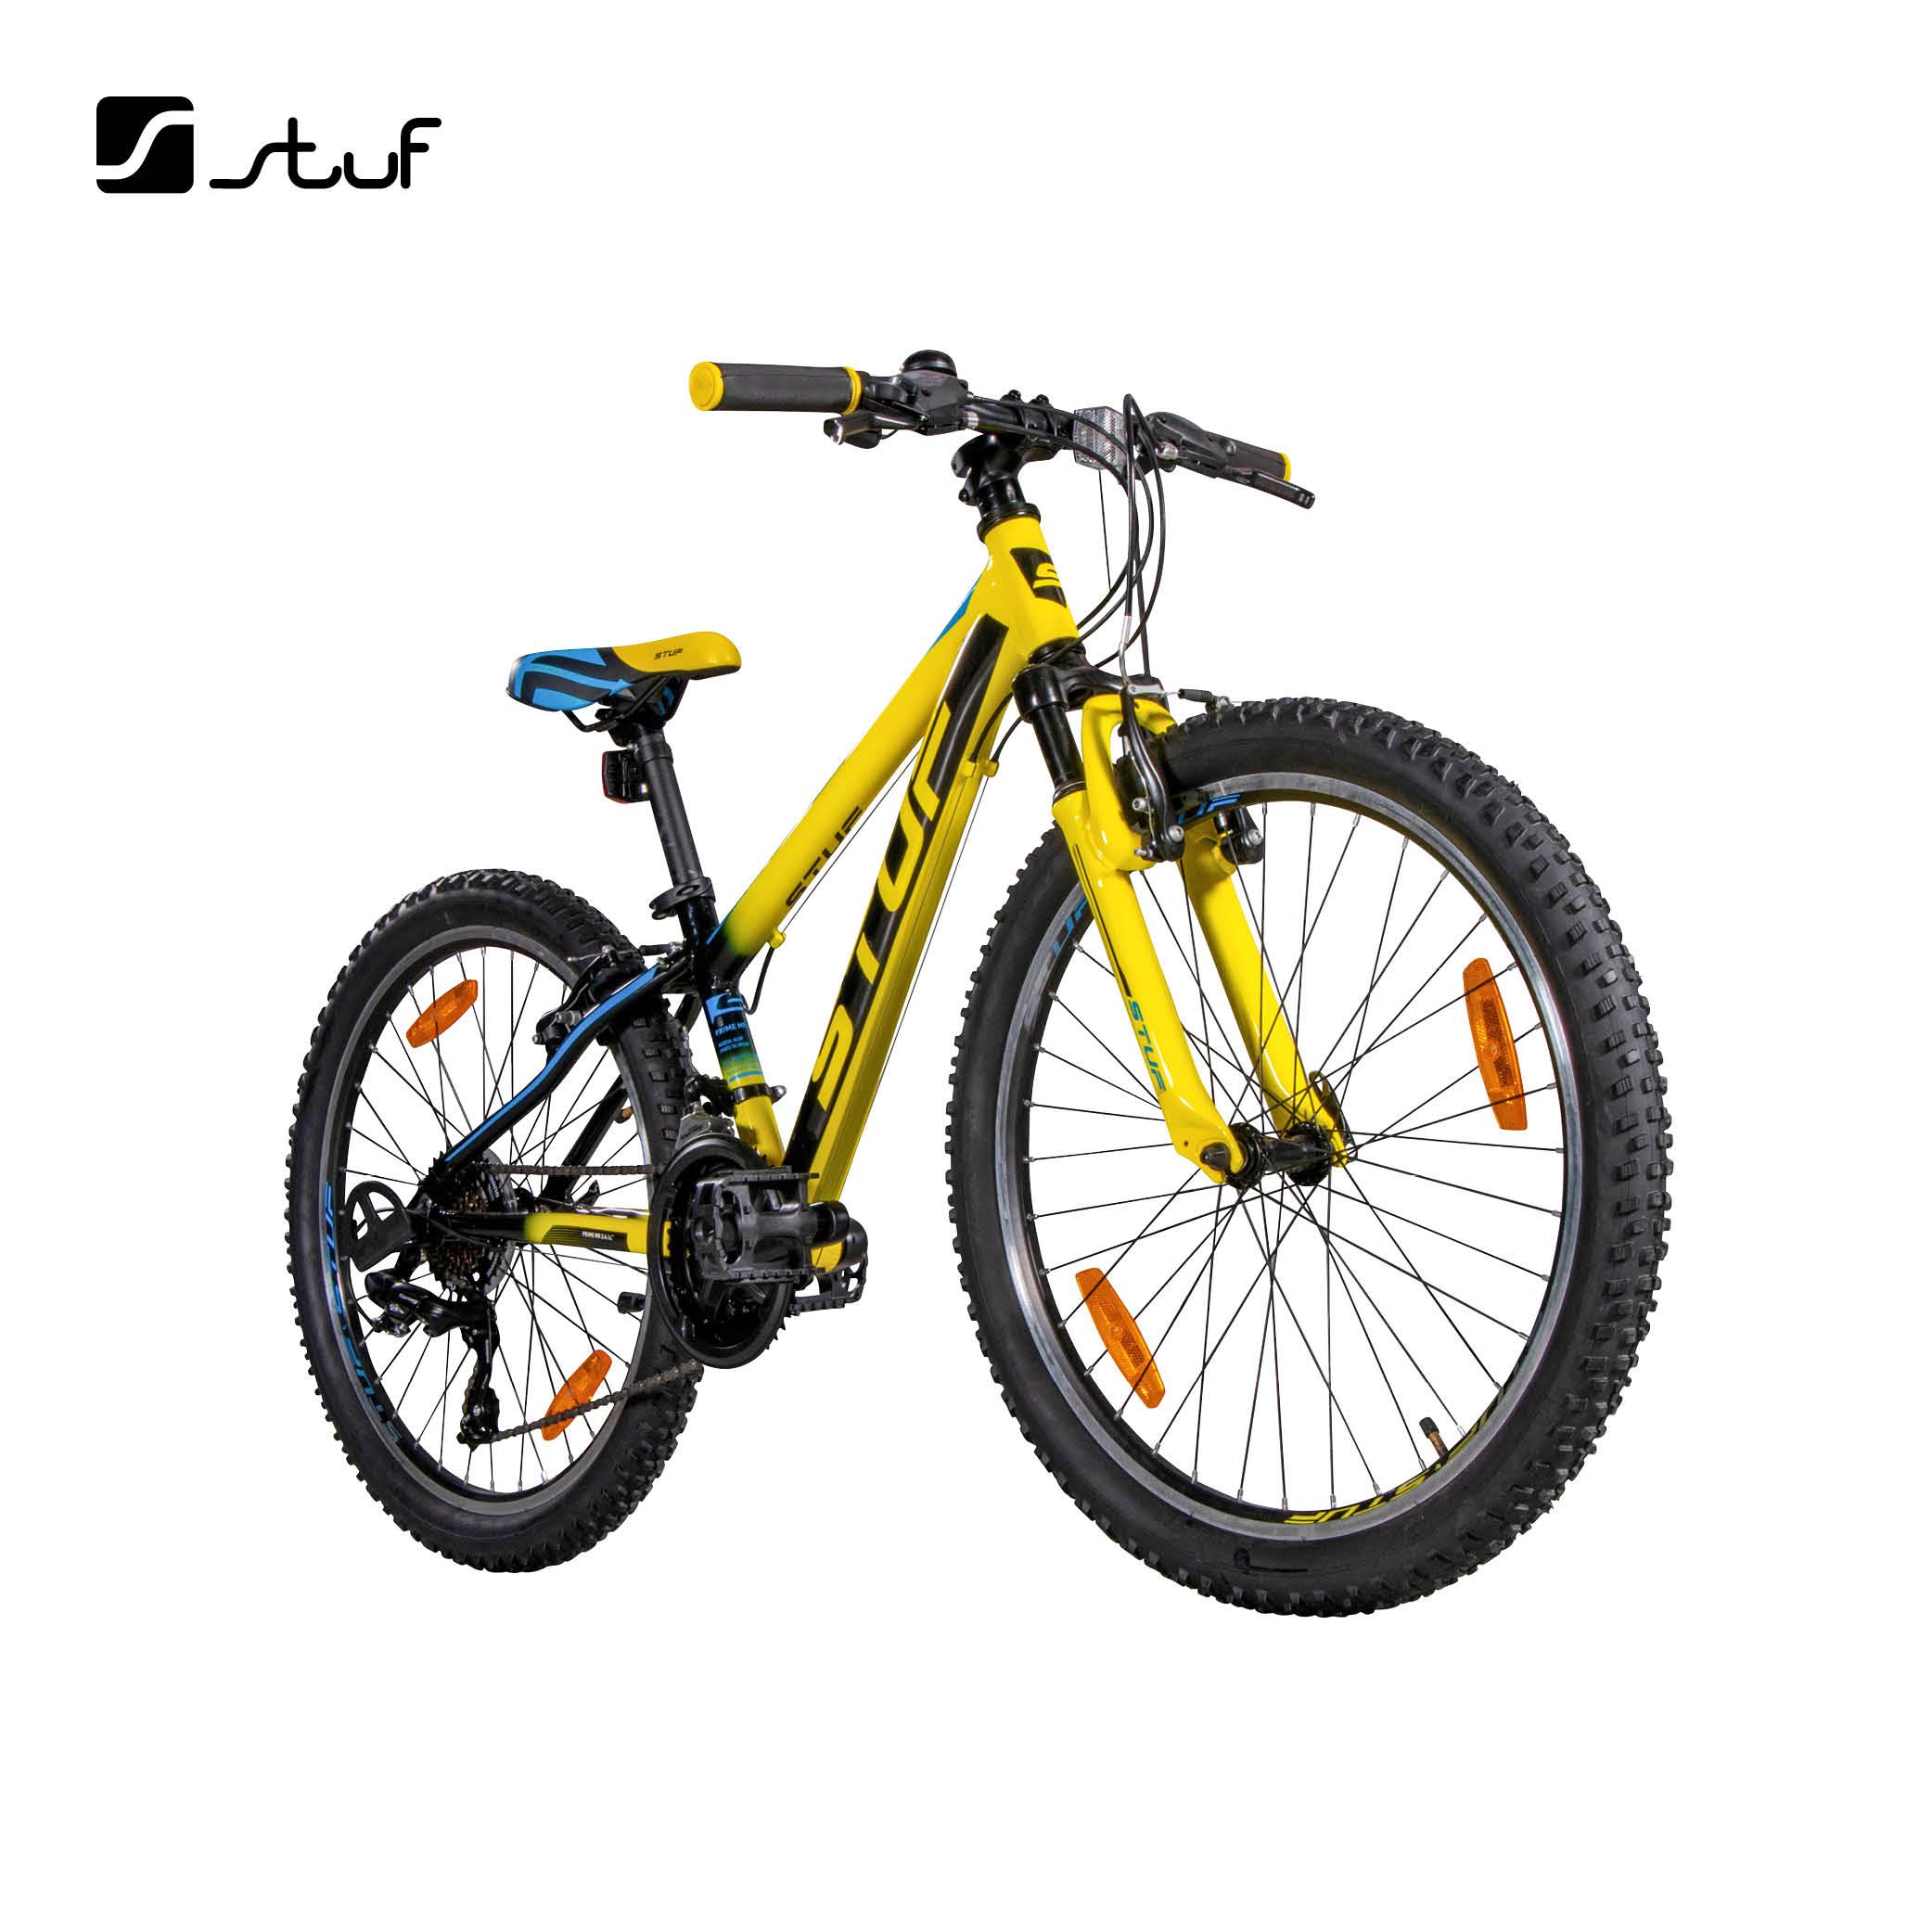 Mountain Bike -  stuf Poise 26